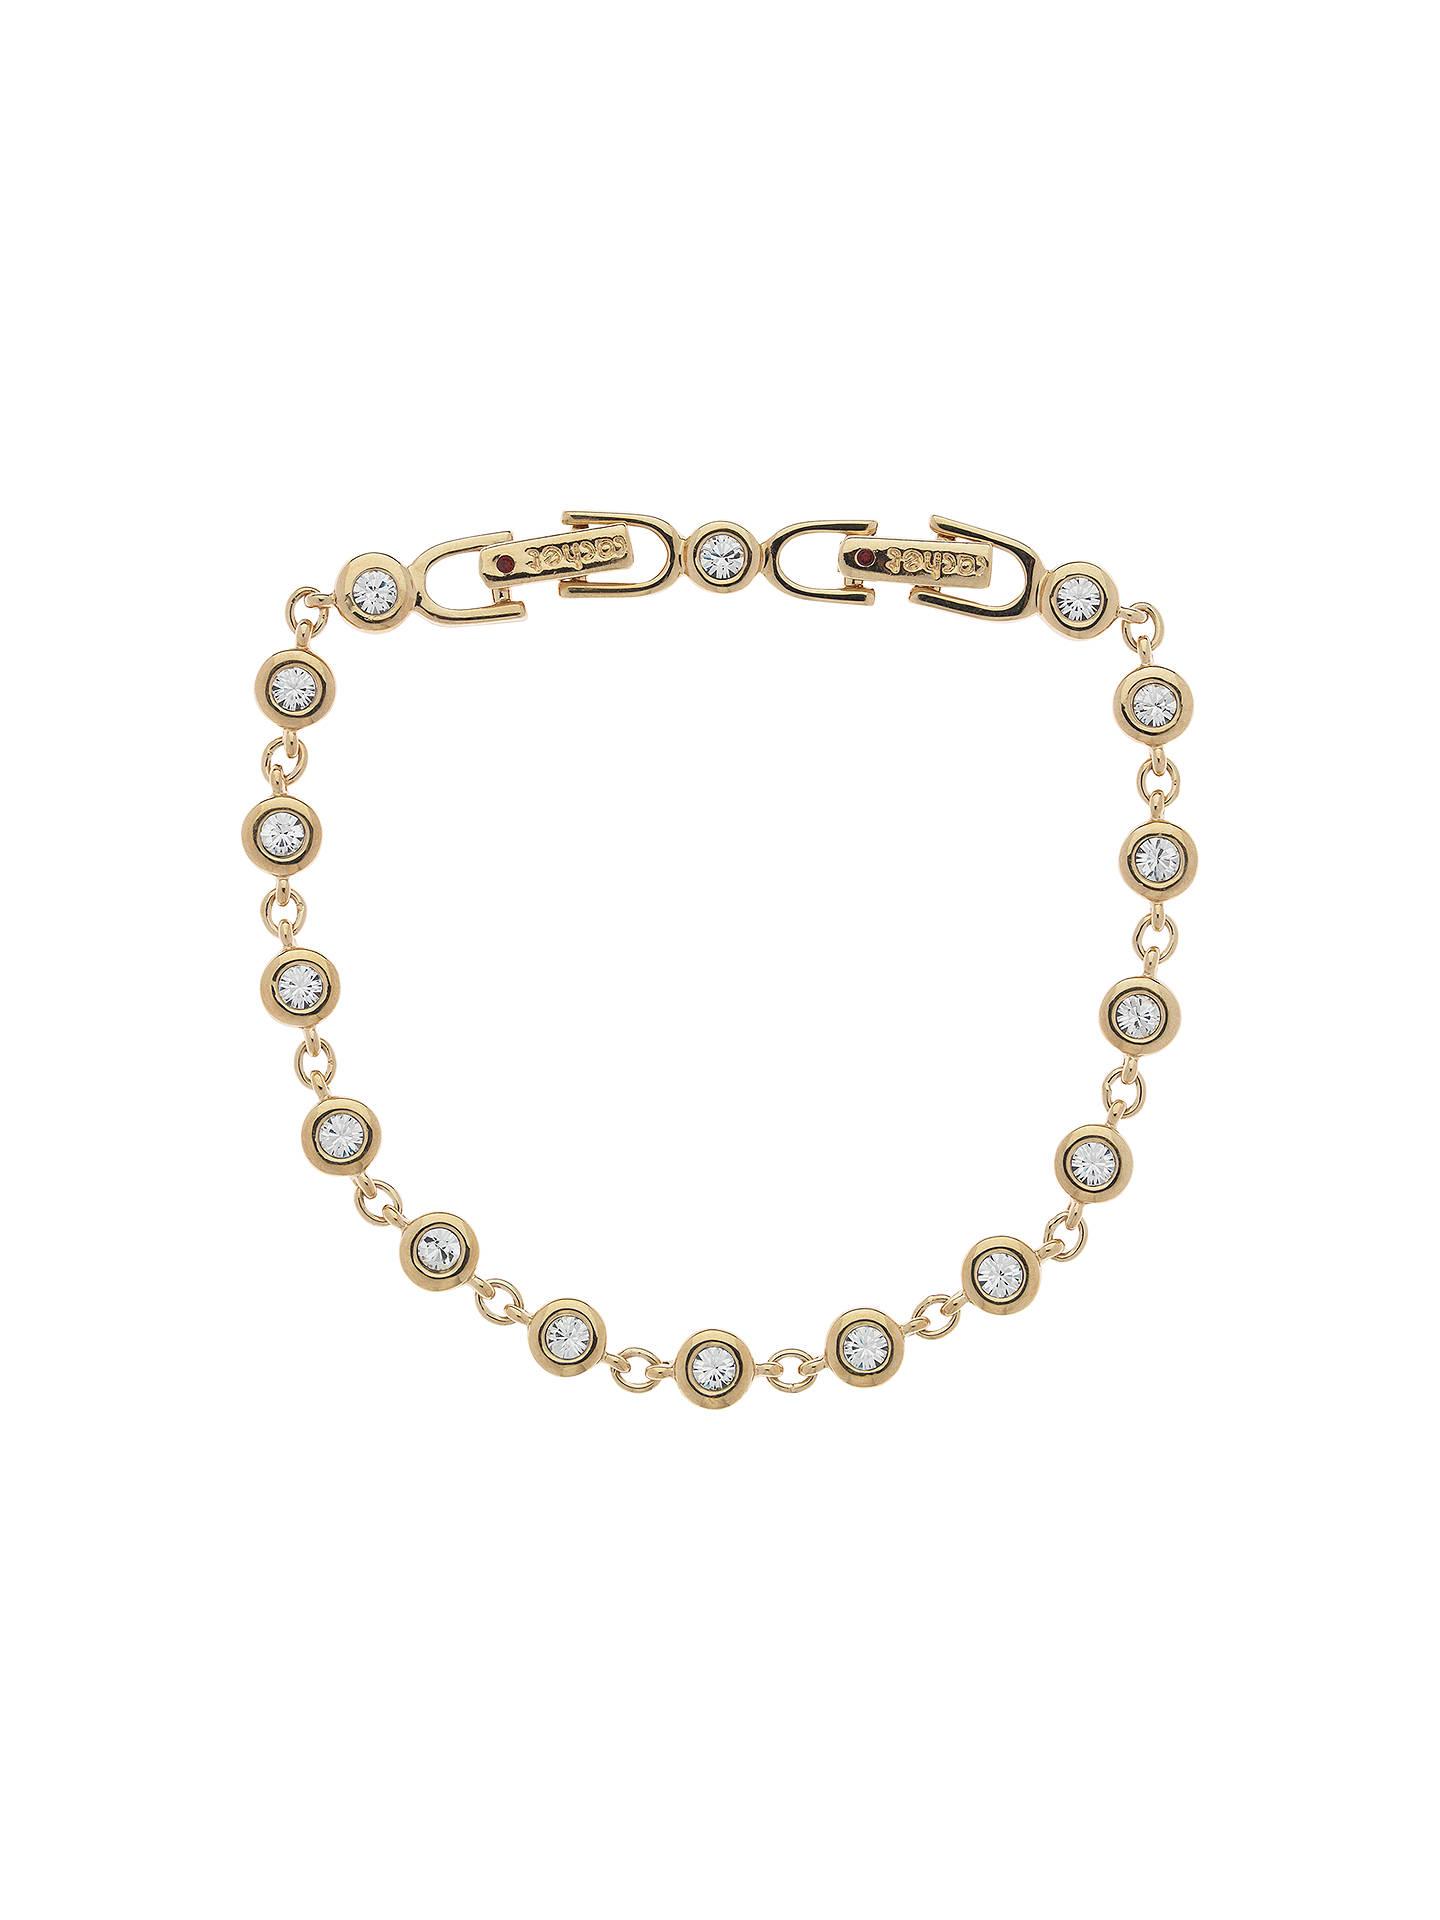 Cachet Gold Plated Swarovski Crystal Linked Bracelet Online At Johnlewis